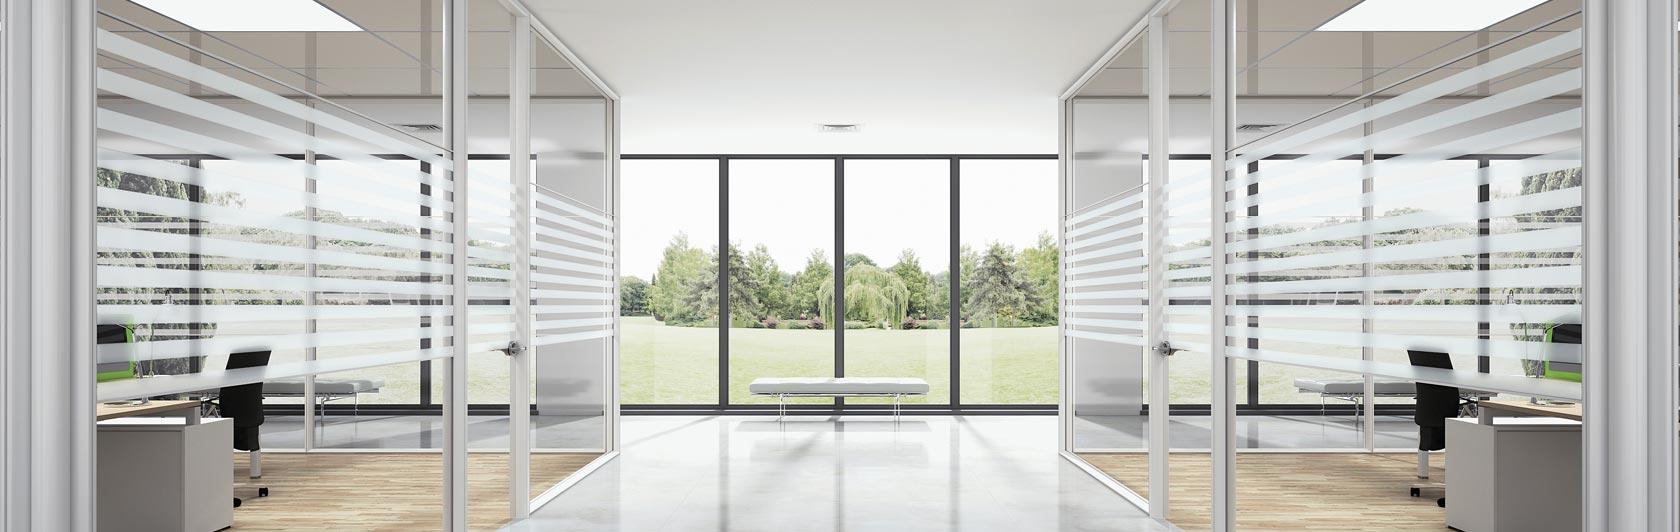 Pareti divisorie in vetro quali scegliere per il proprio for Pareti mobili da ufficio